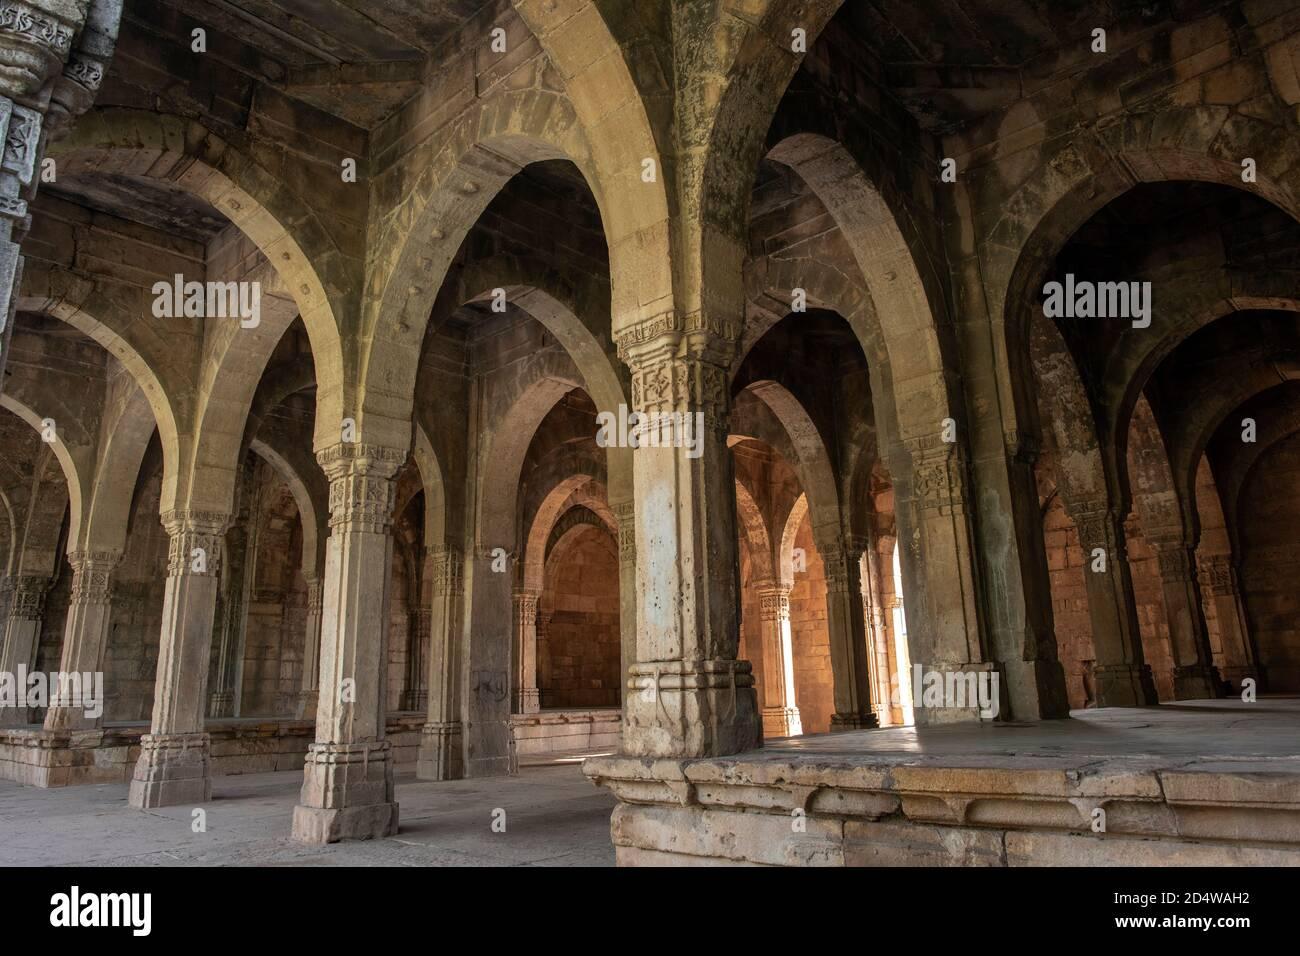 Custom House, Parque Arqueológico Champaner-Pavagadh, PATRIMONIO DE LA HUMANIDAD de la UNESCO, Gujarat, India. Foto de stock